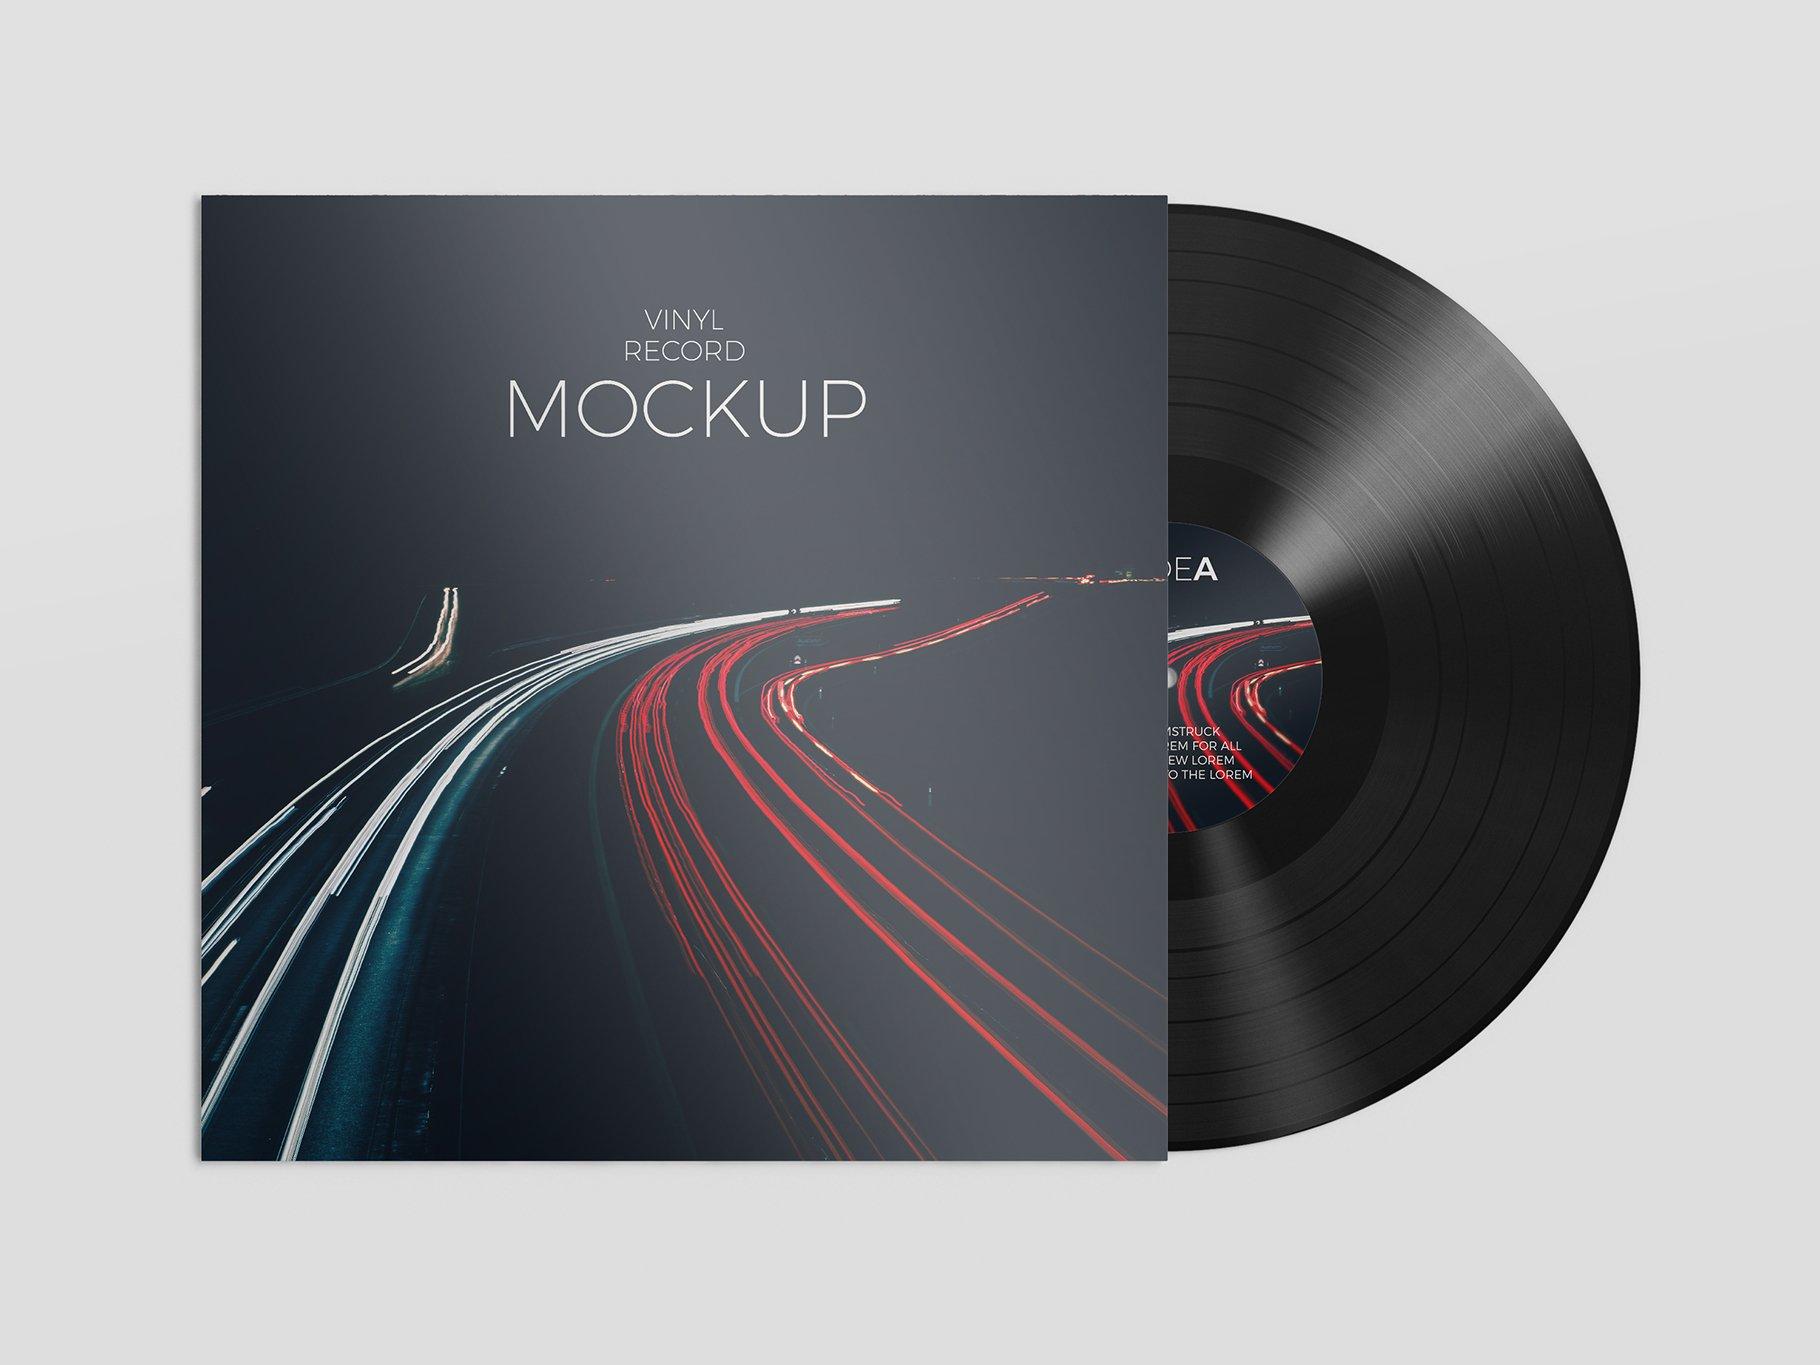 12个逼真黑胶片包装设计PS智能贴图样机模板 Vinyl Record Mockup插图2